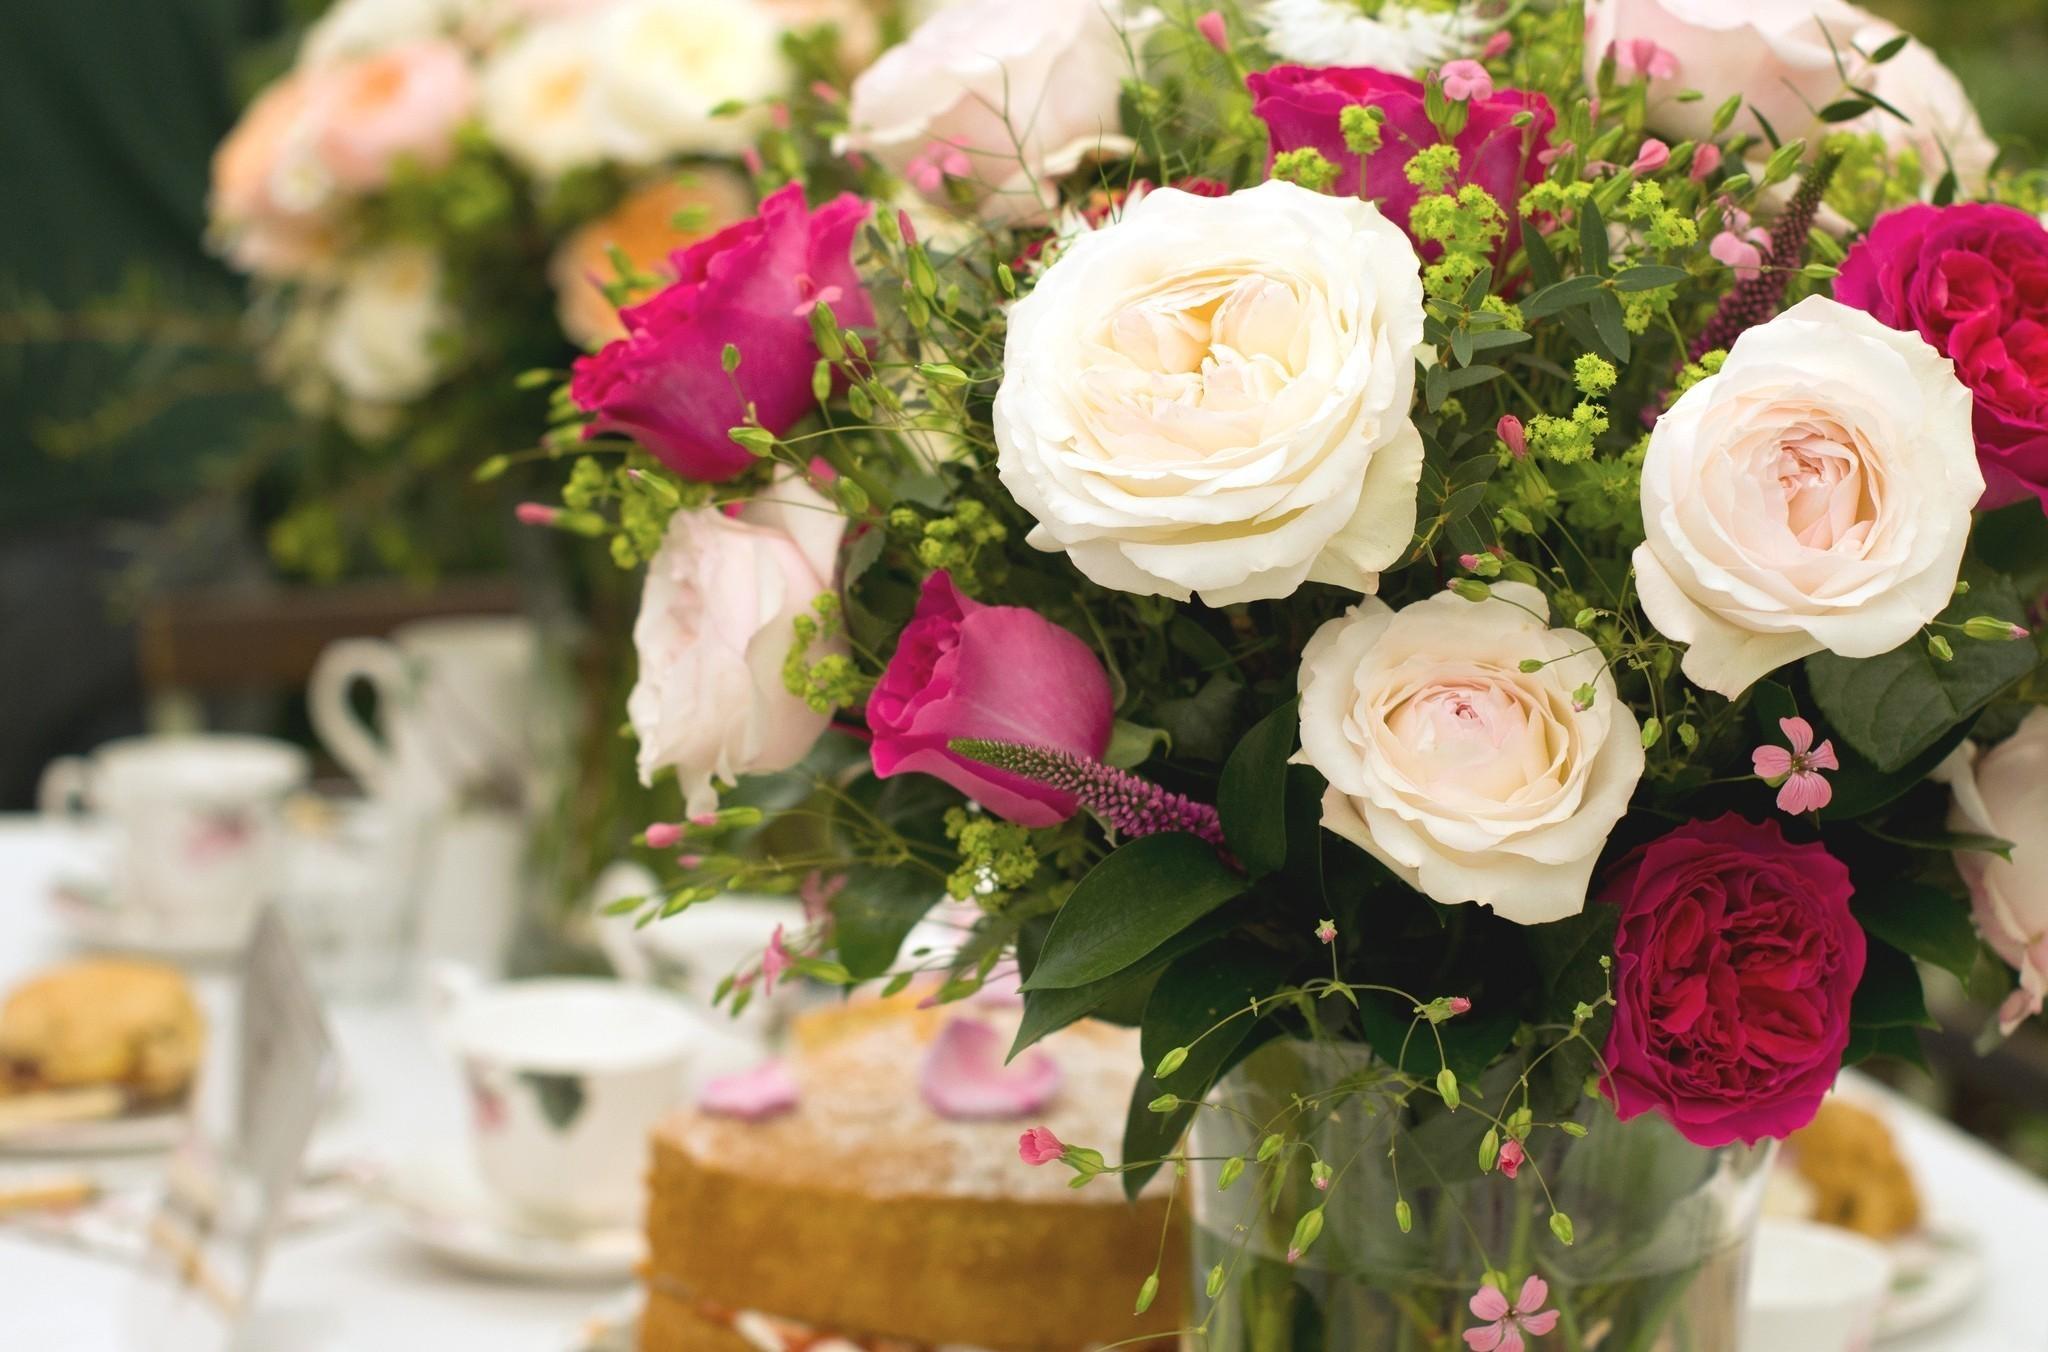 букеты цветов фото розы: